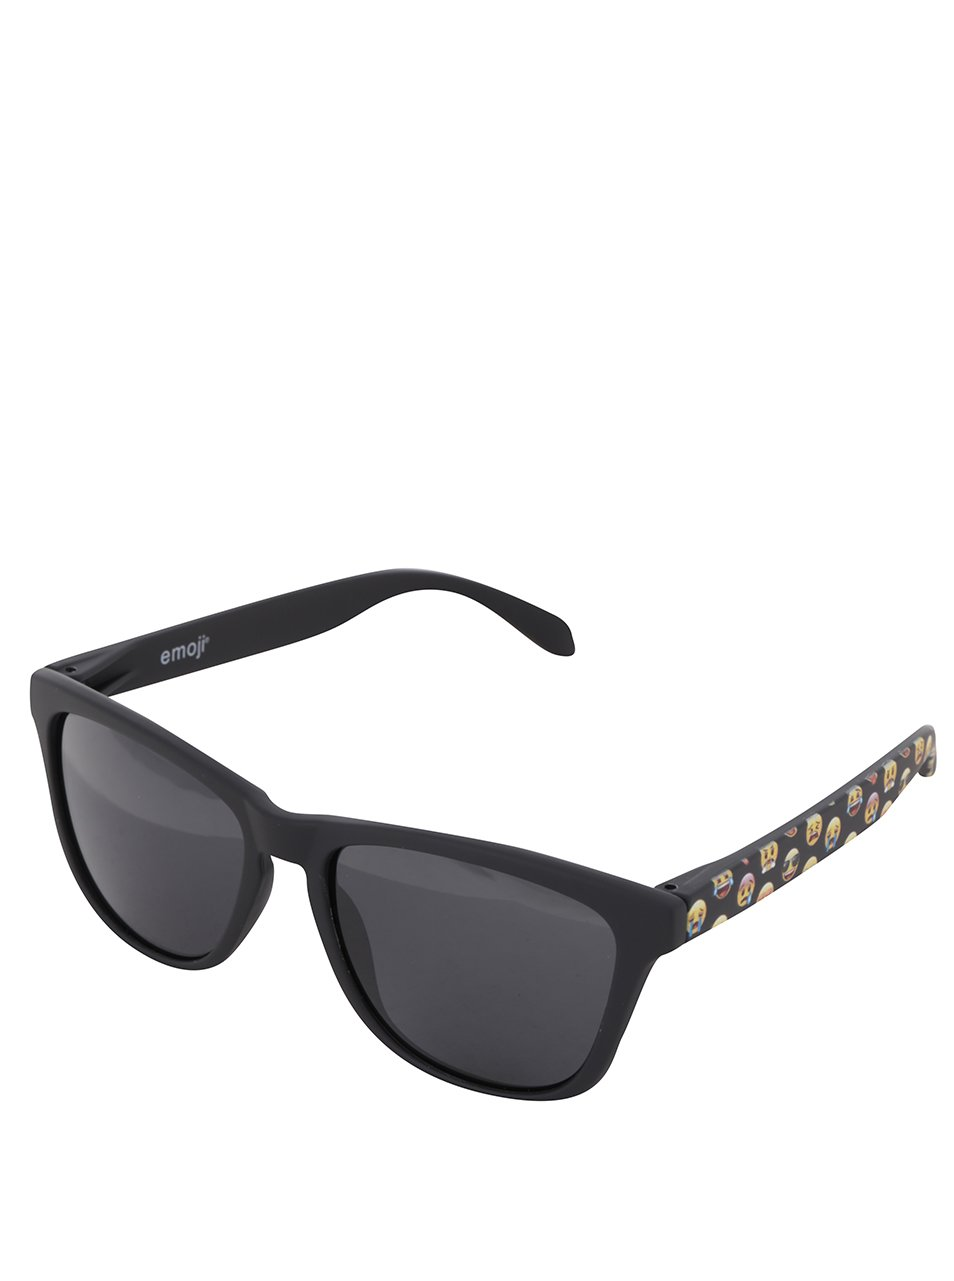 Černé unisex sluneční brýle Emoji Smiles